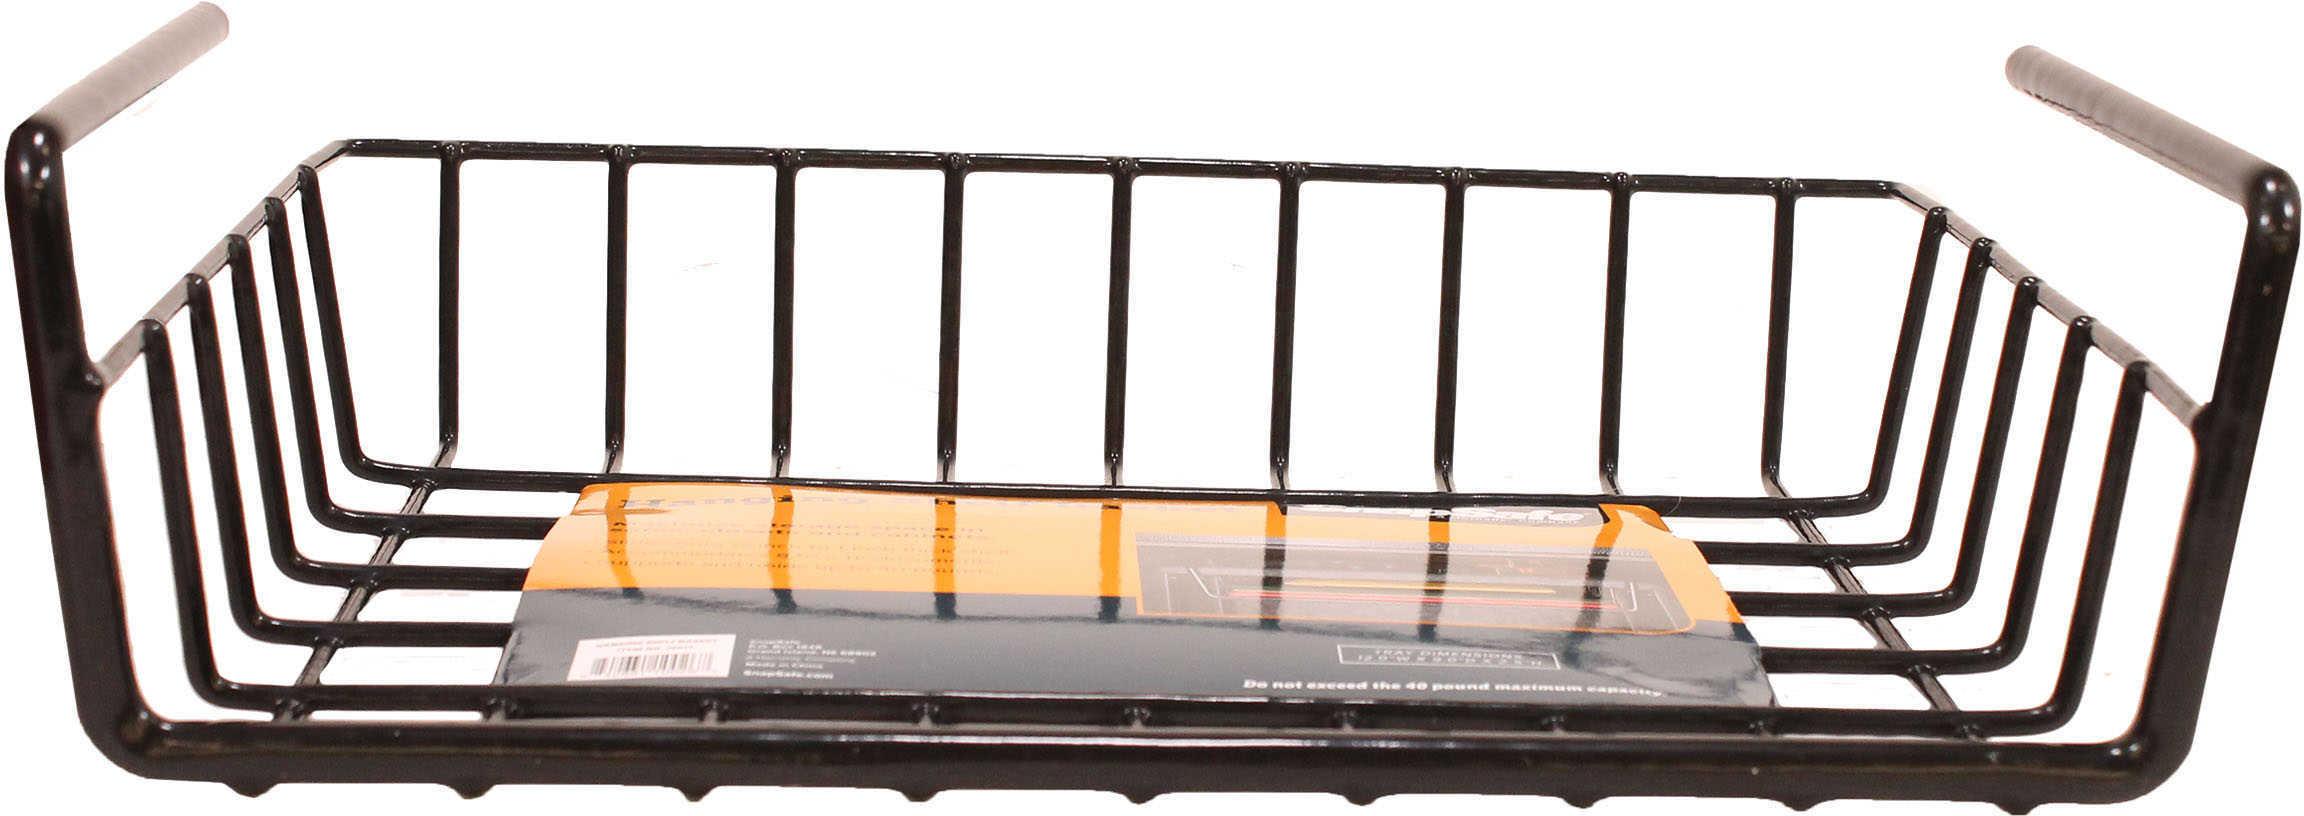 SnapSafe Hanging Shelf Basket, Black Md: 76012